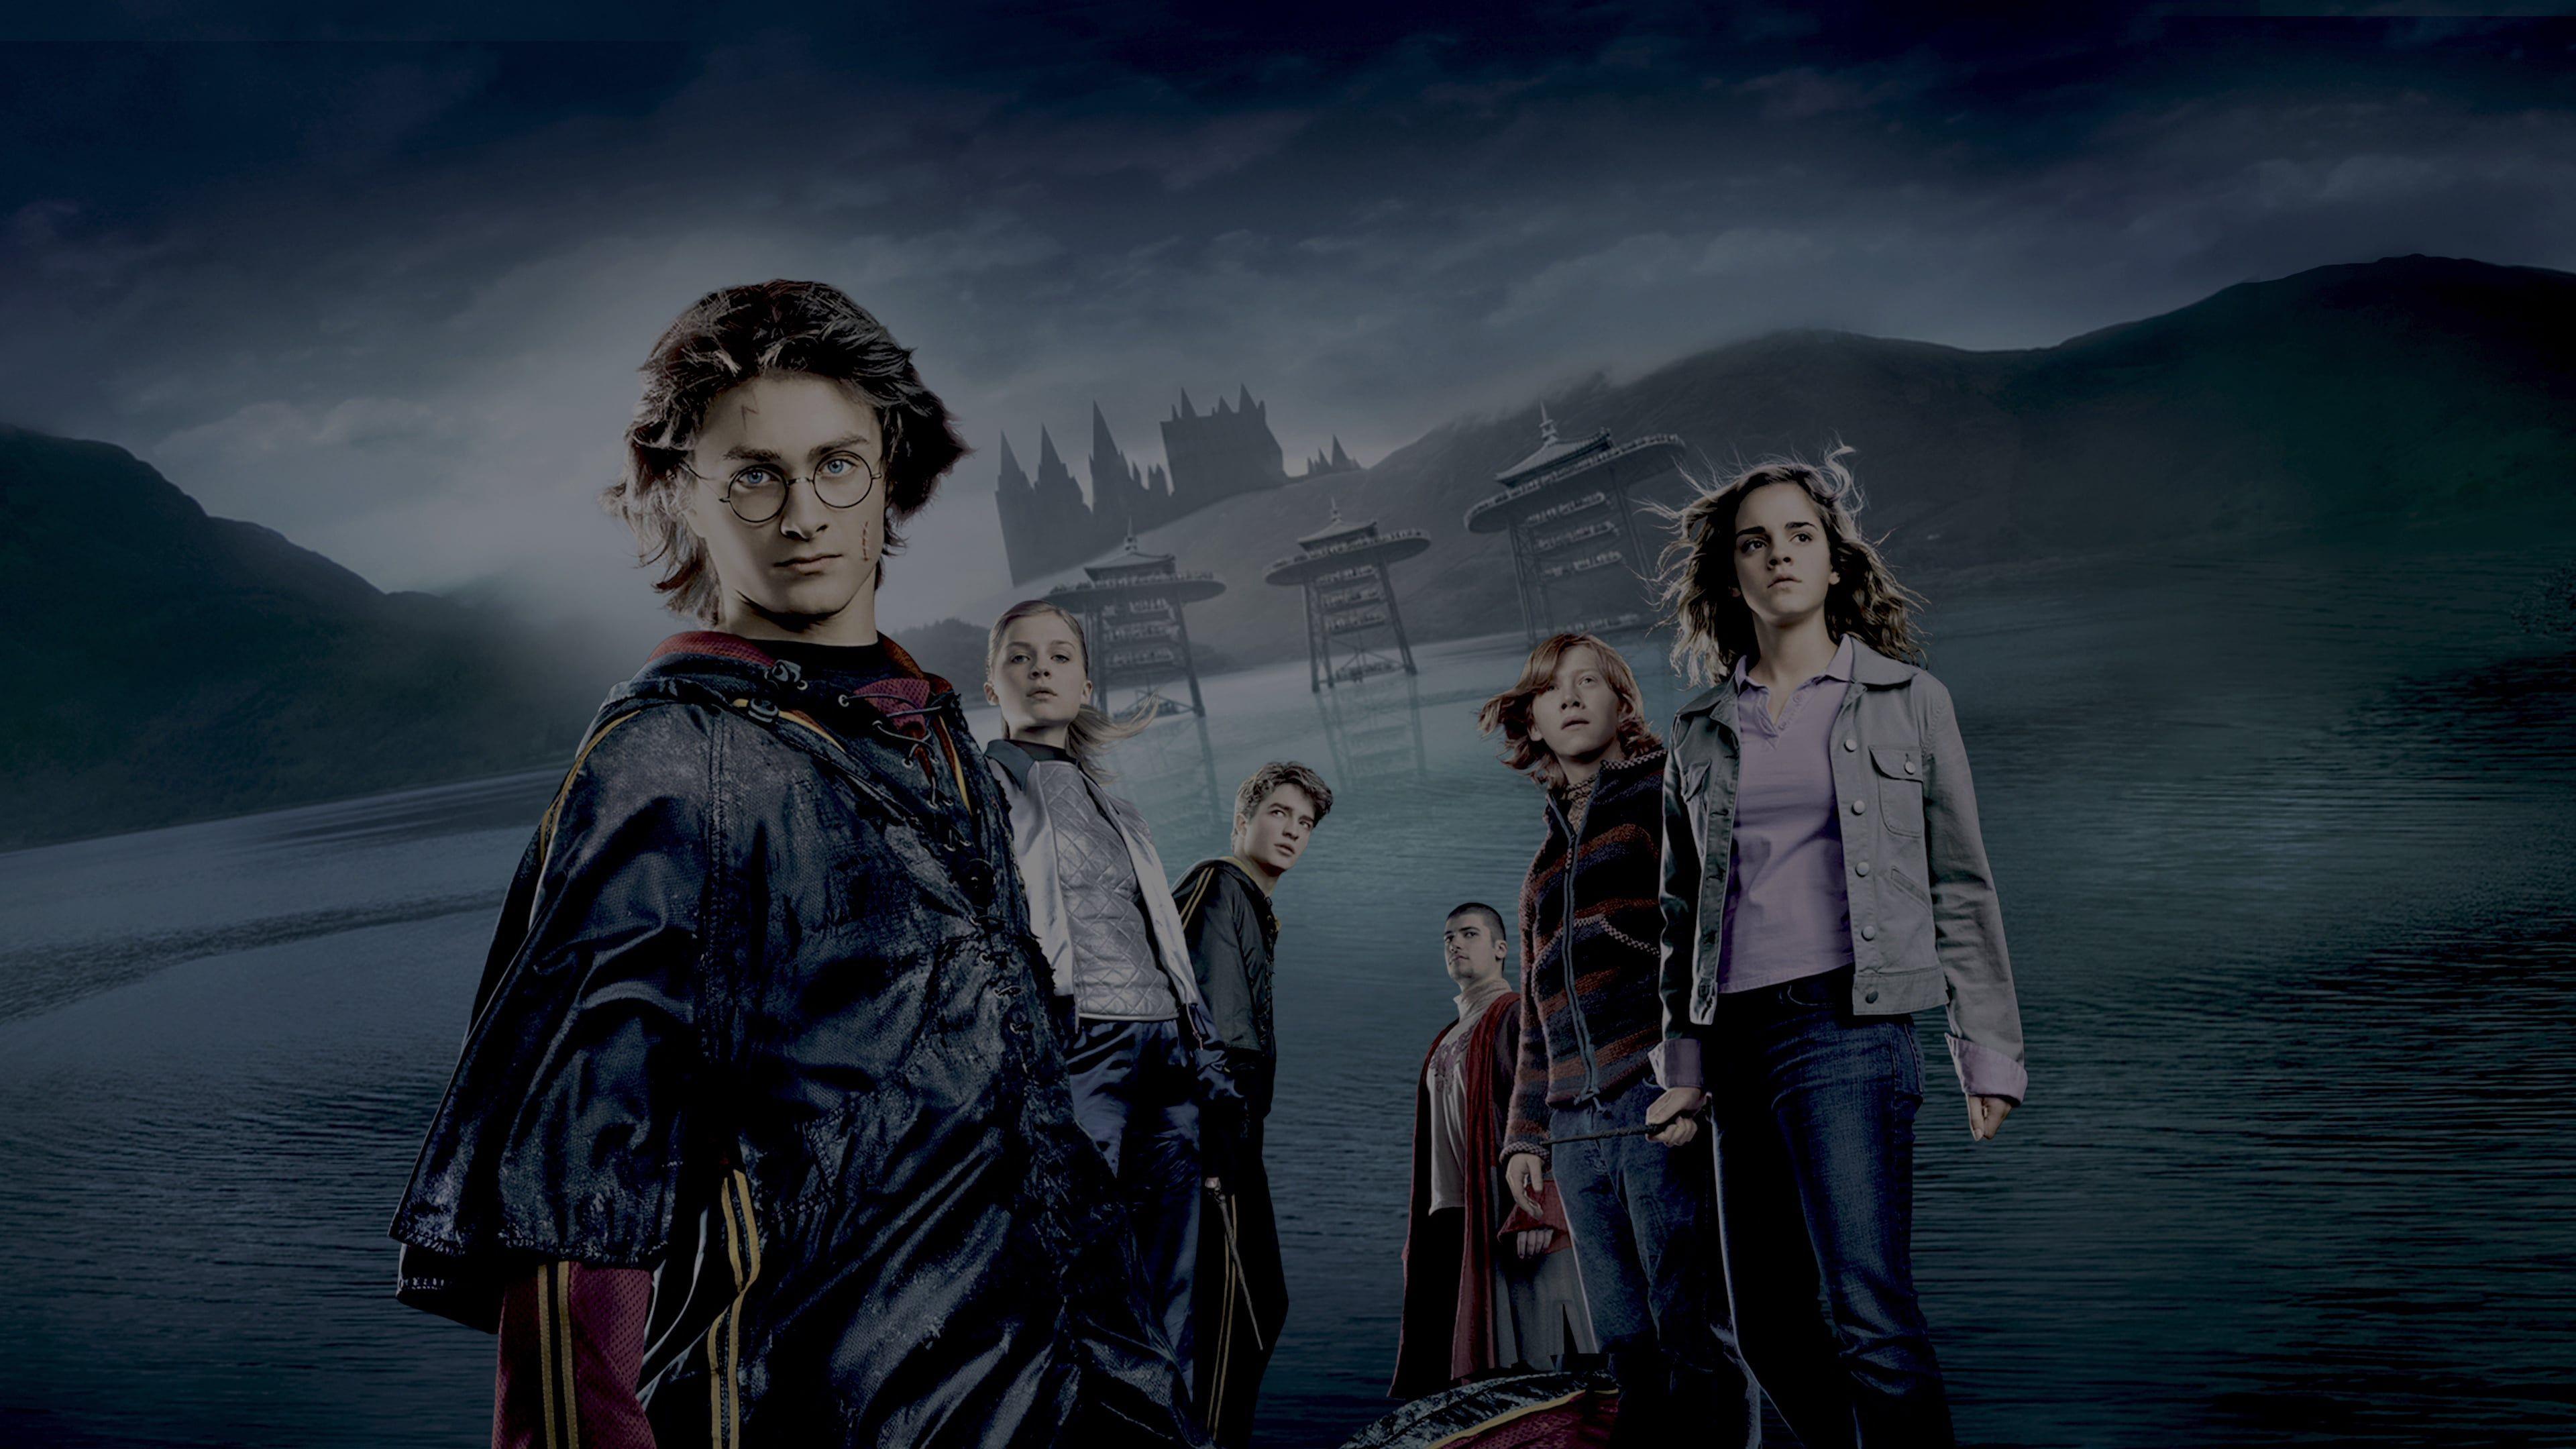 Harry Potter Und Der Feuerkelch 2005 Ganzer Film Deutsch Komplett Kino Das Grosse Abenteuer Beginnt Als Der Free Movies Online Gary Oldman Sirius Harry Potter